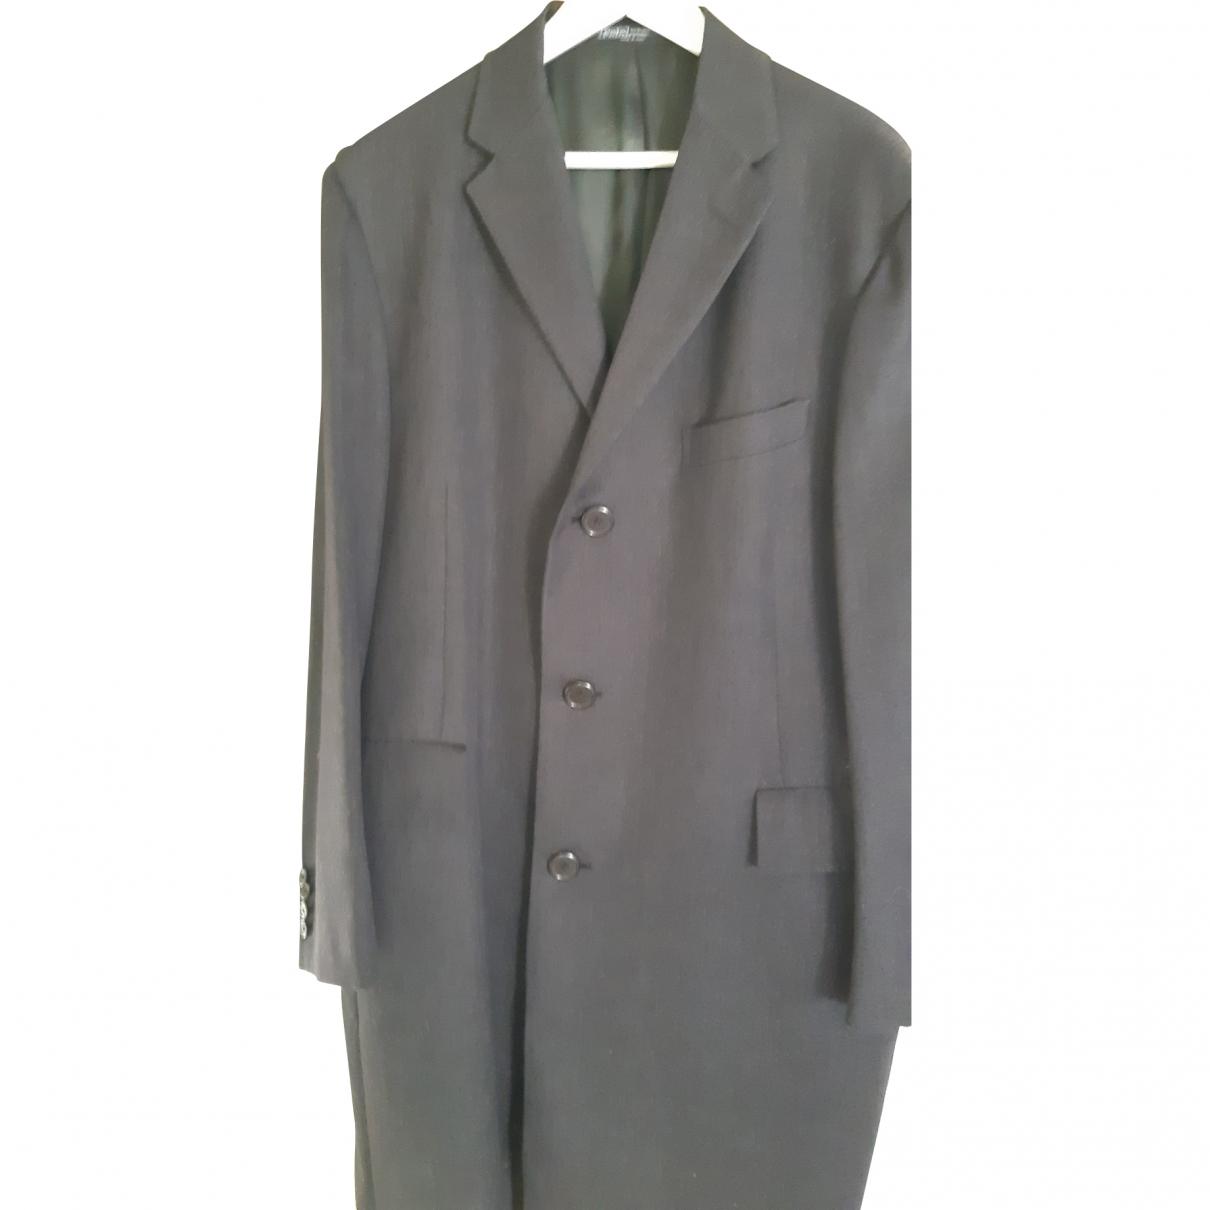 Polo Ralph Lauren - Manteau   pour homme en laine - anthracite